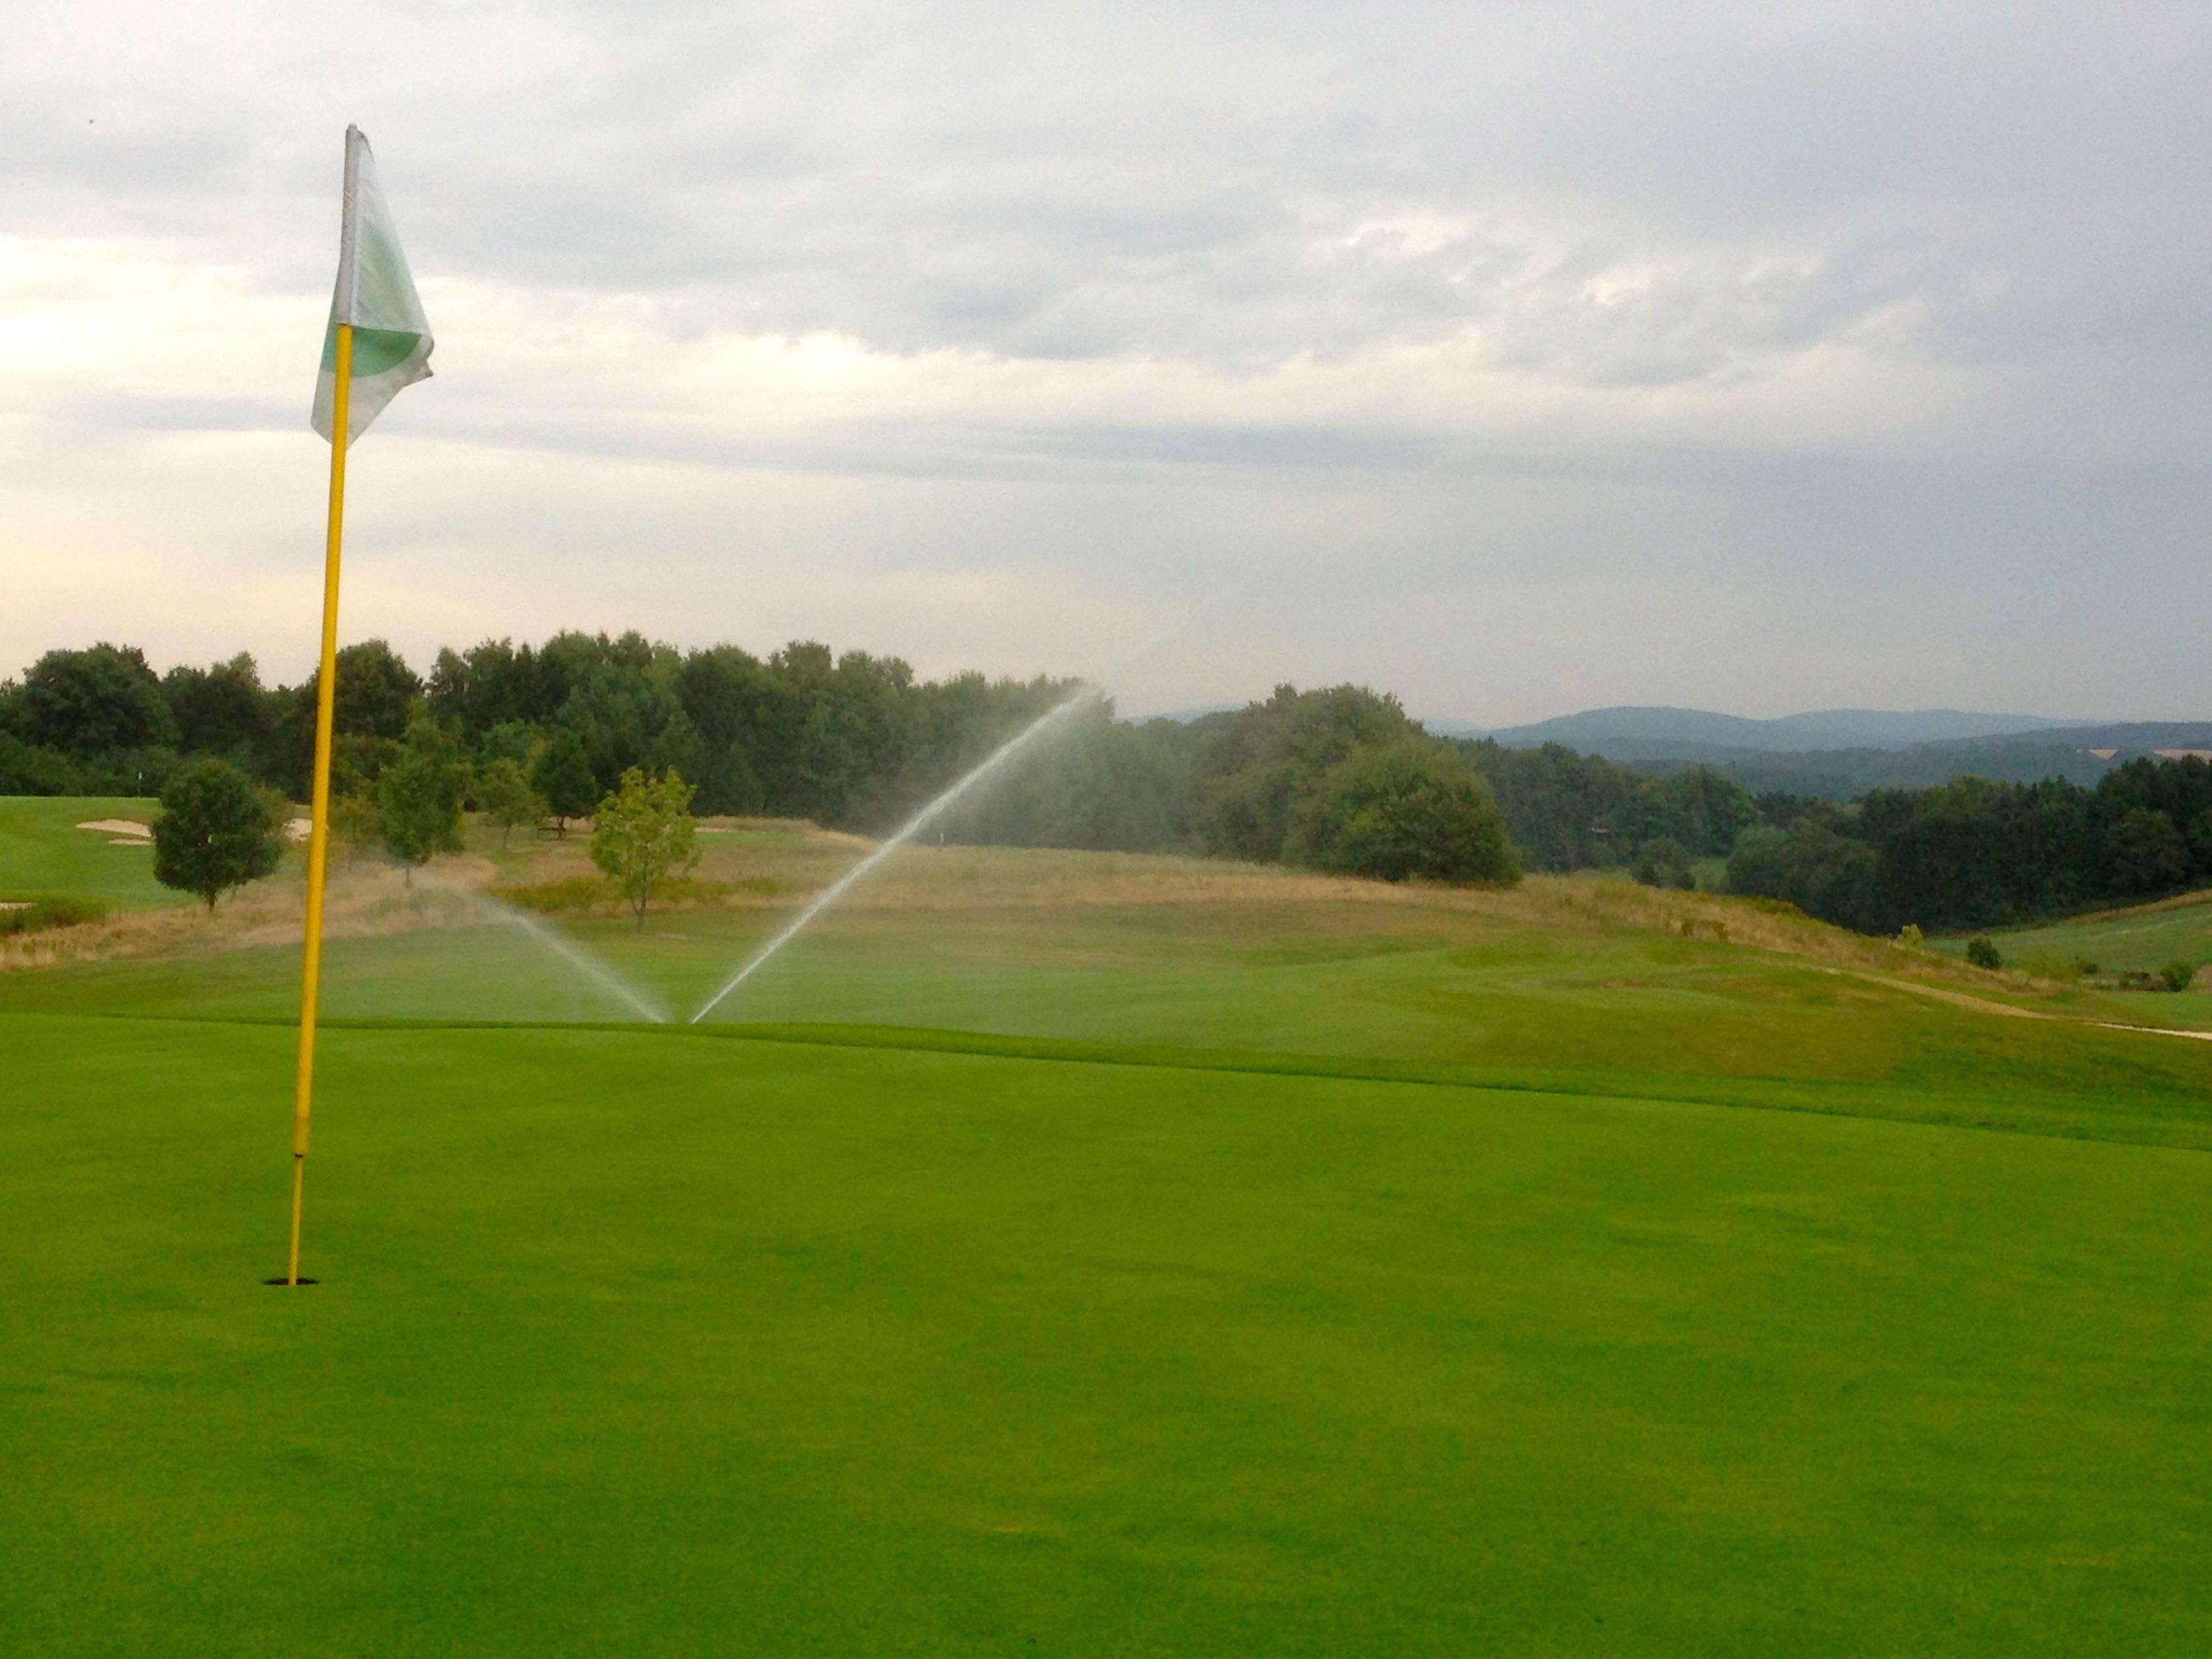 Beregnungsanlage Golfplatz am Loch